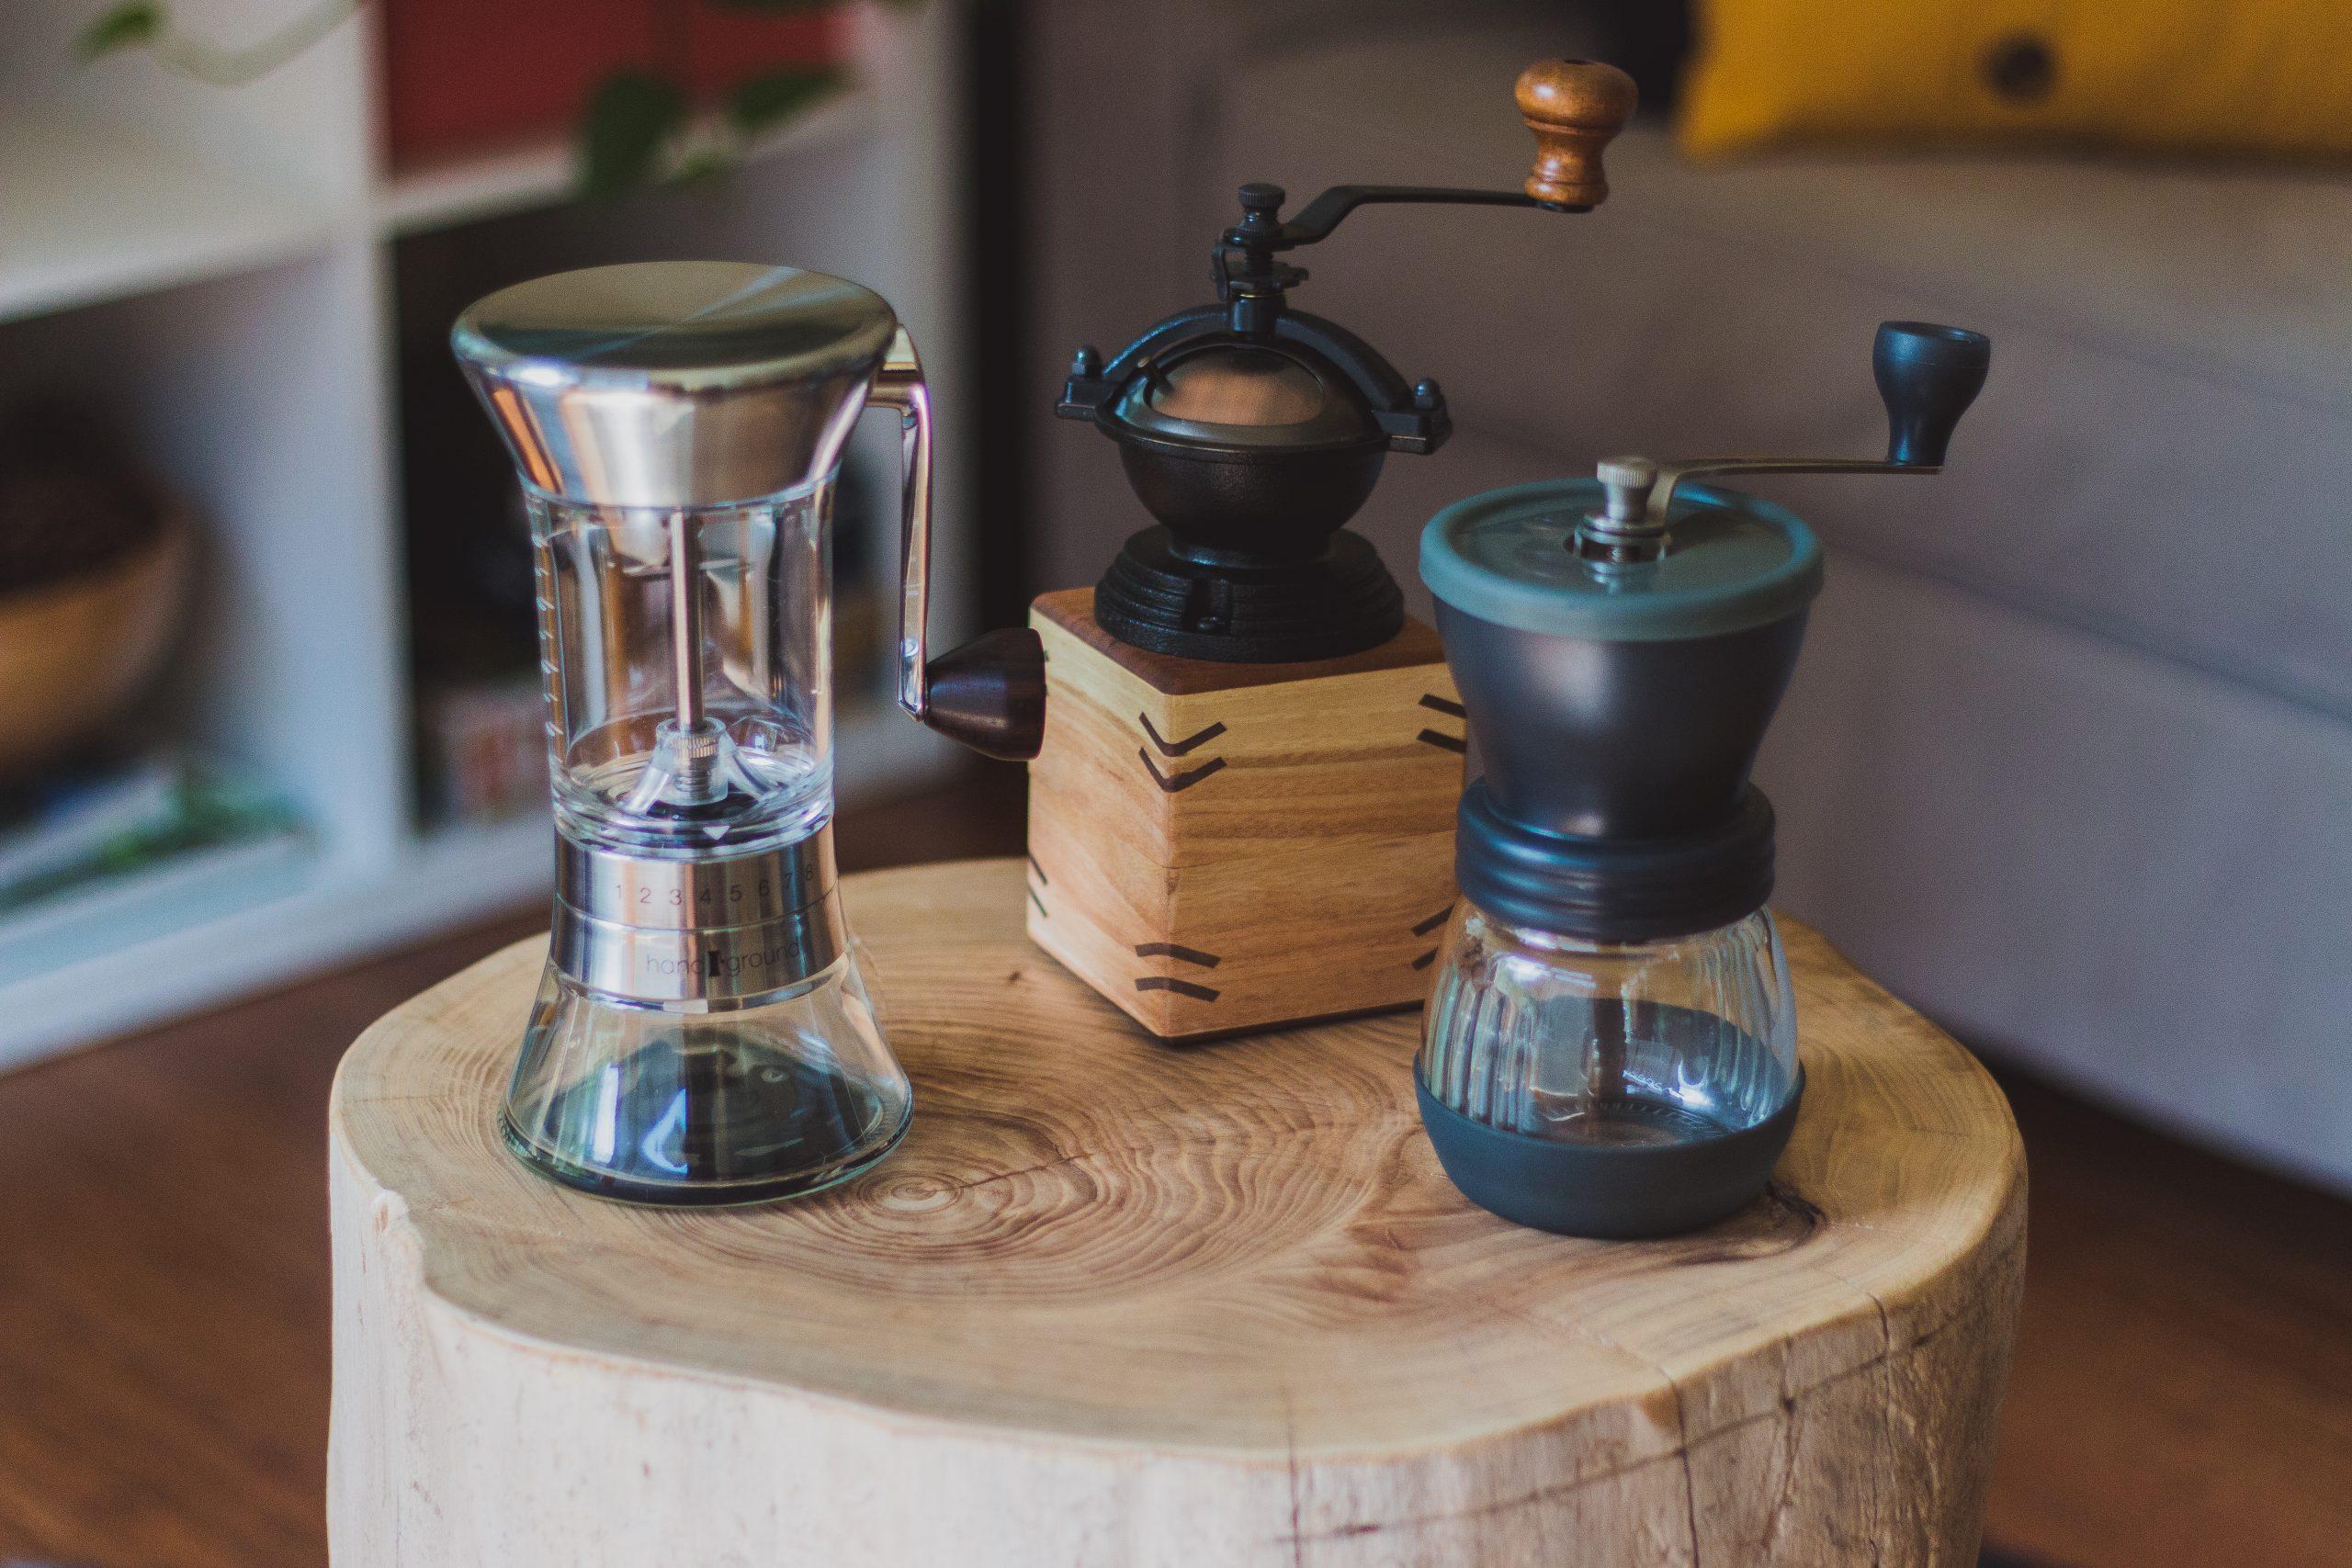 Los mejores molinillos de café para 2020 |  Guía de compra completa y reseñas